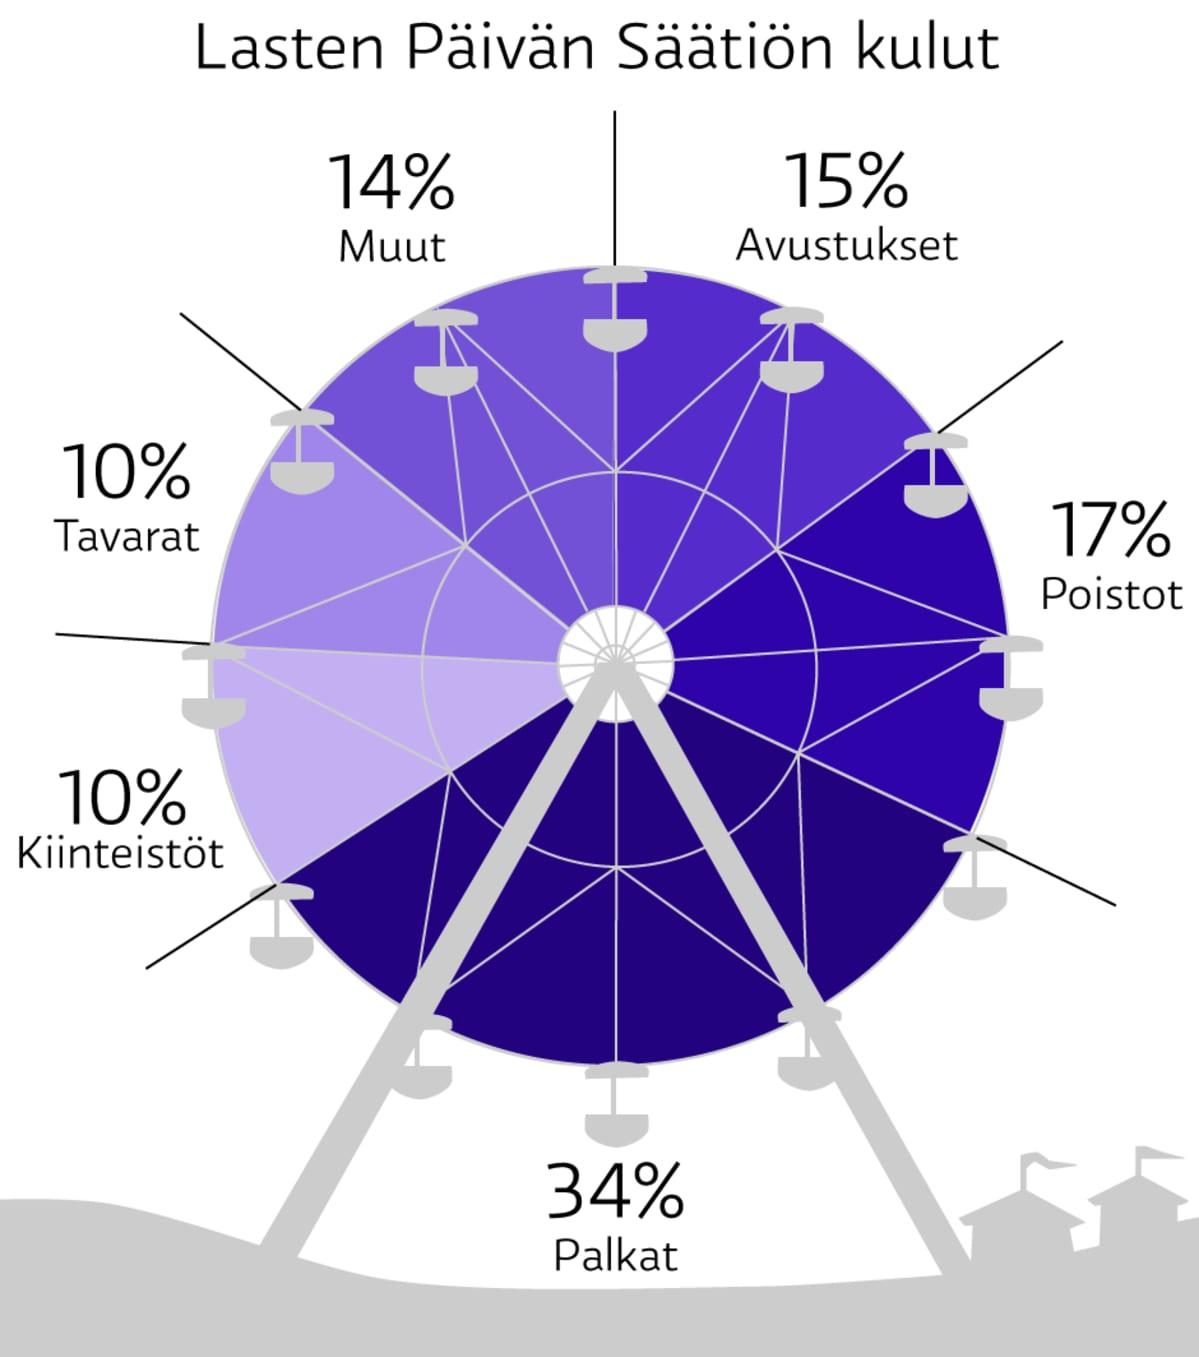 Grafiikassa Lasten Päivän Säätiön kulujen jakautuminen vuosittain: Palkat 34. prosenttia, poistot 17, avustukset 15, muut 14, tavarat 10 ja kiinteistöt 10.